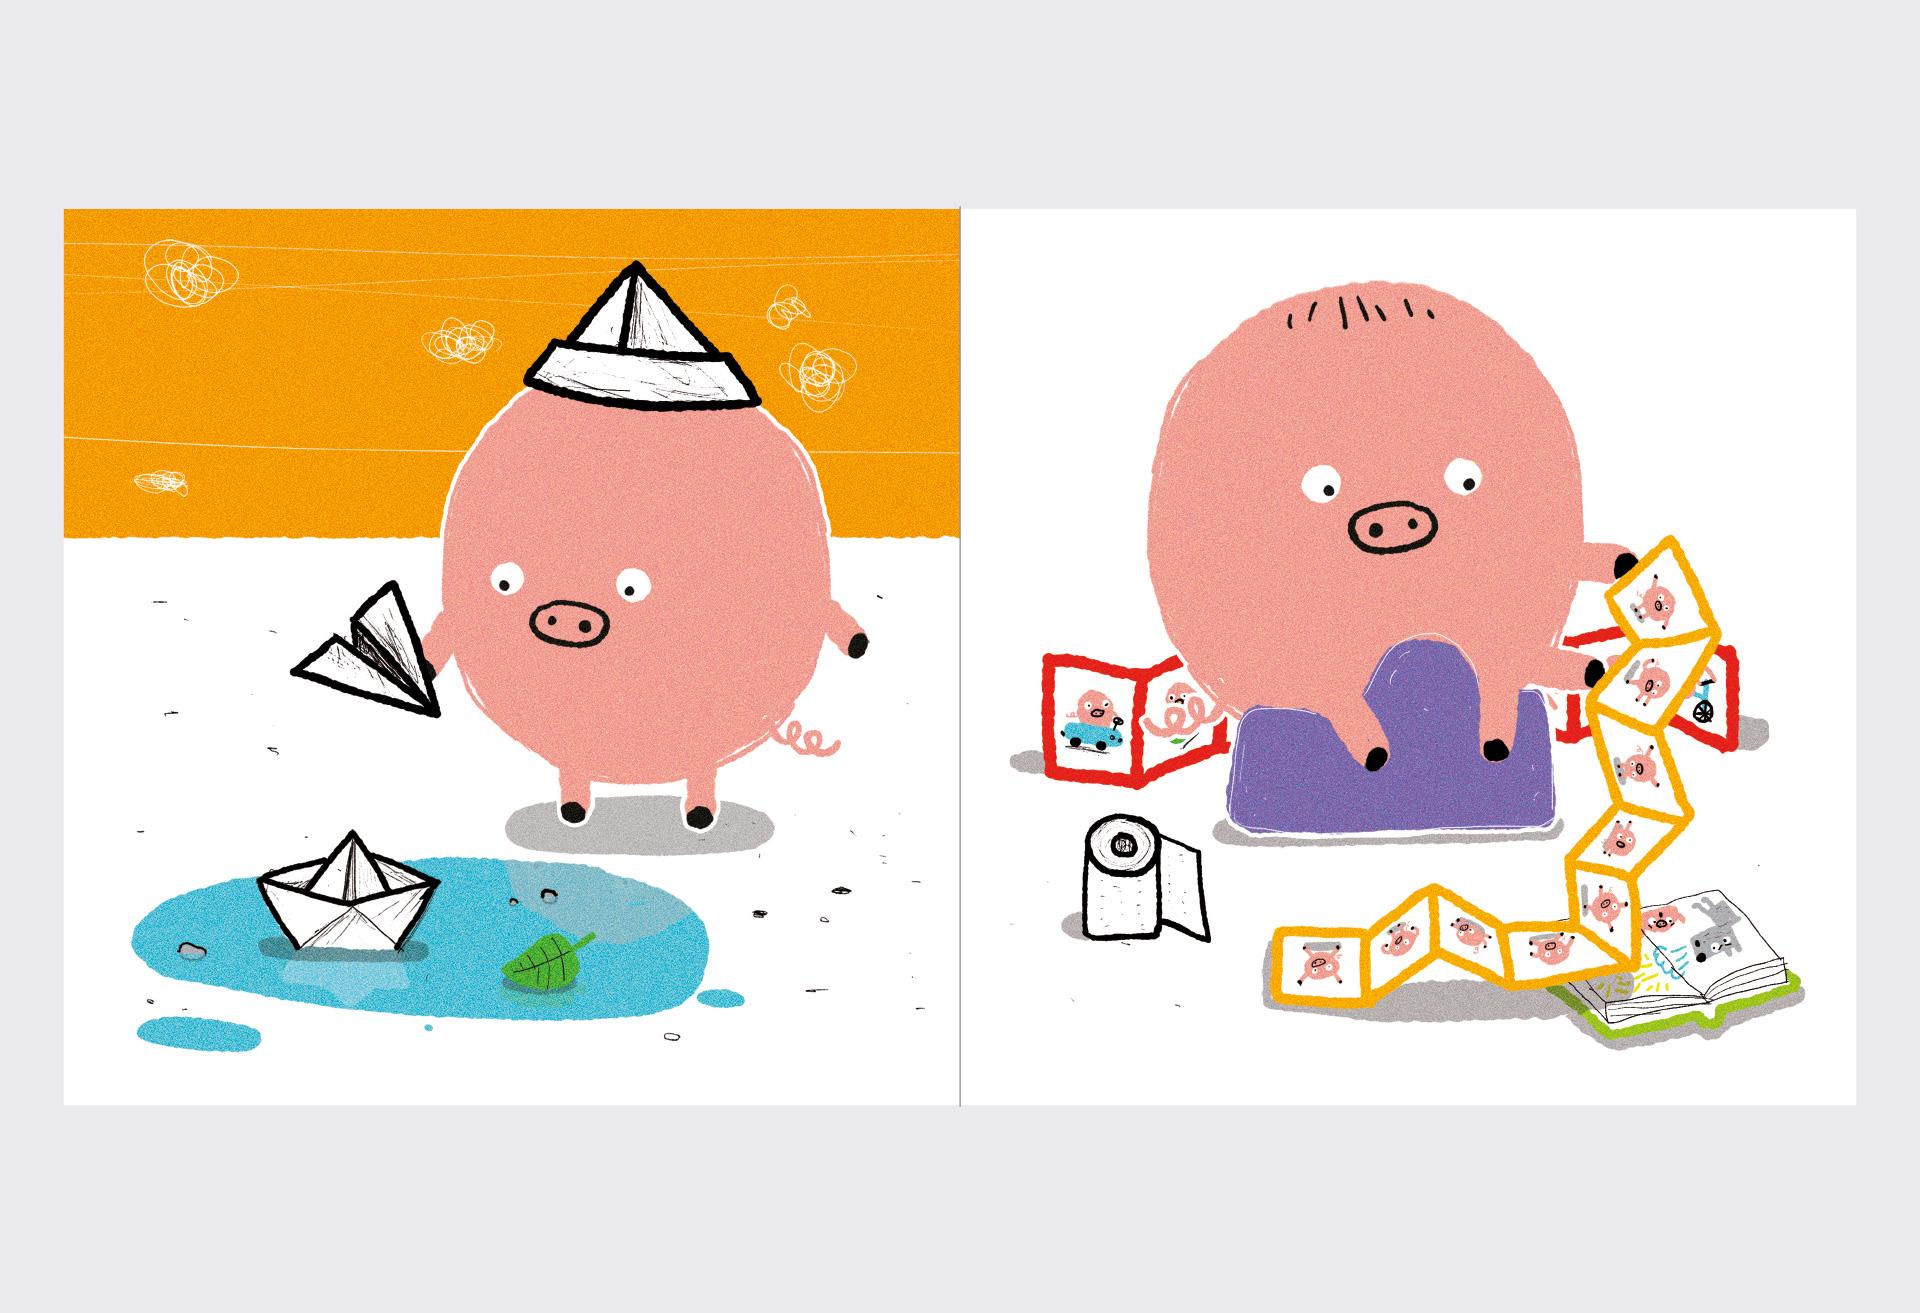 3_Our piggy again-pics2